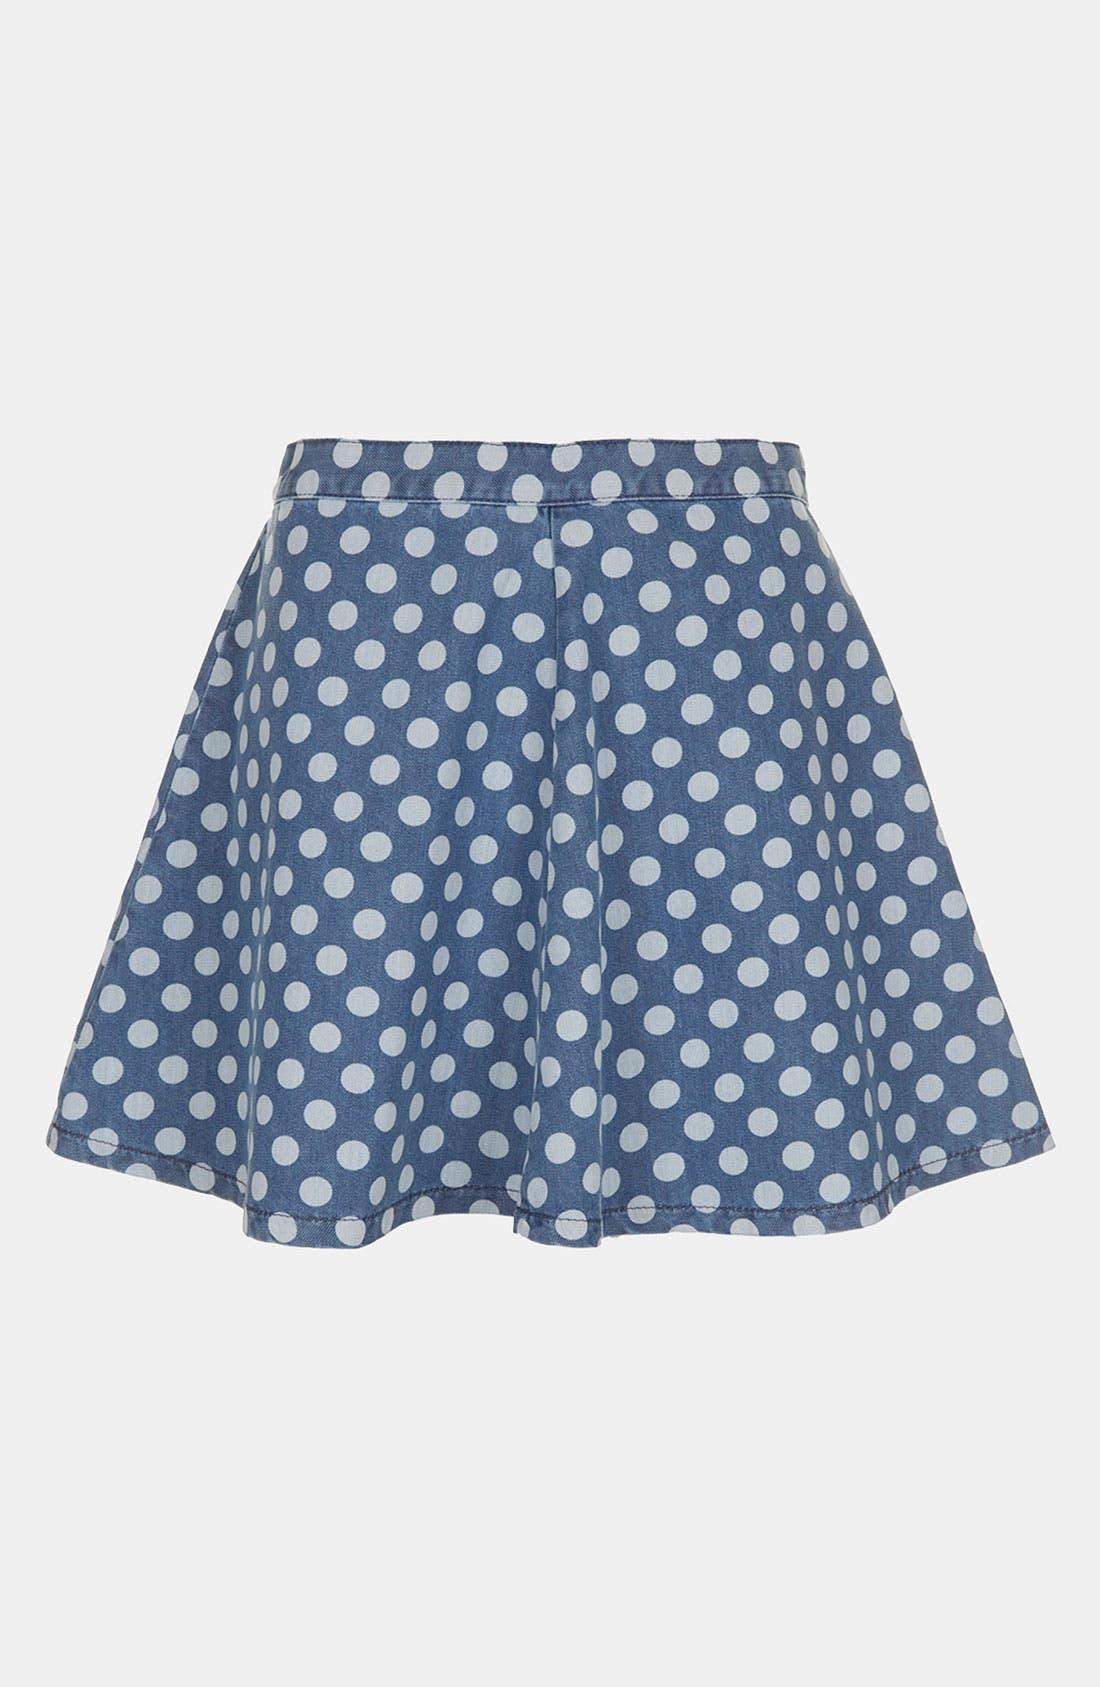 Alternate Image 1 Selected - Topshop Moto Polka Dot Denim Skater Skirt